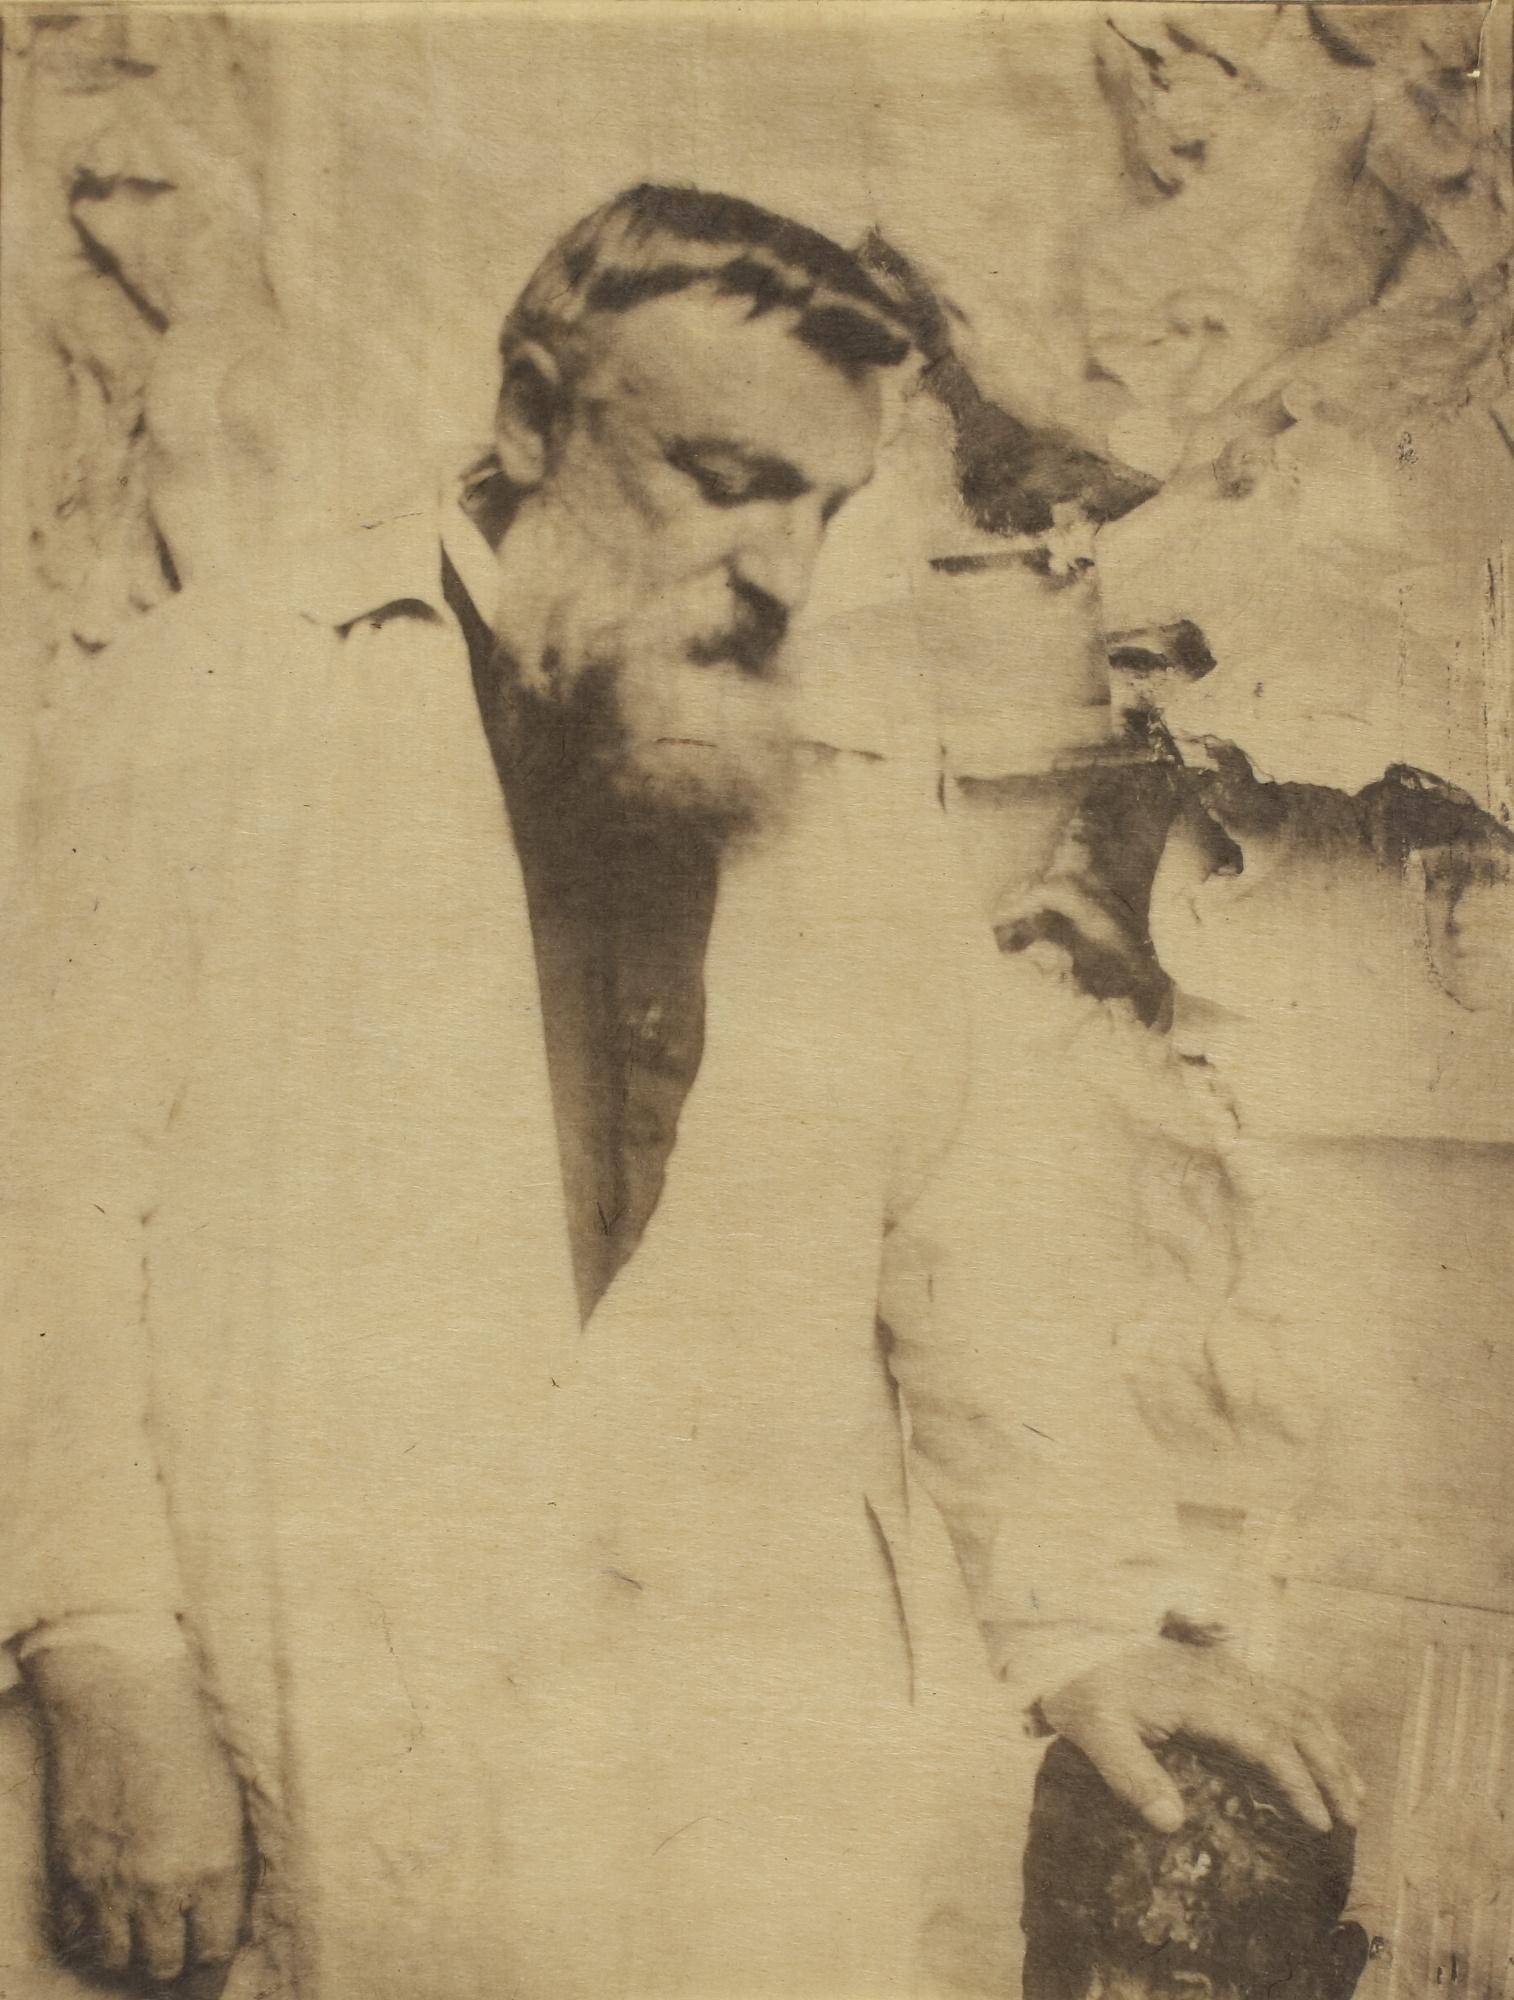 Gertrude Kasebier-Auguste Rodin-1905